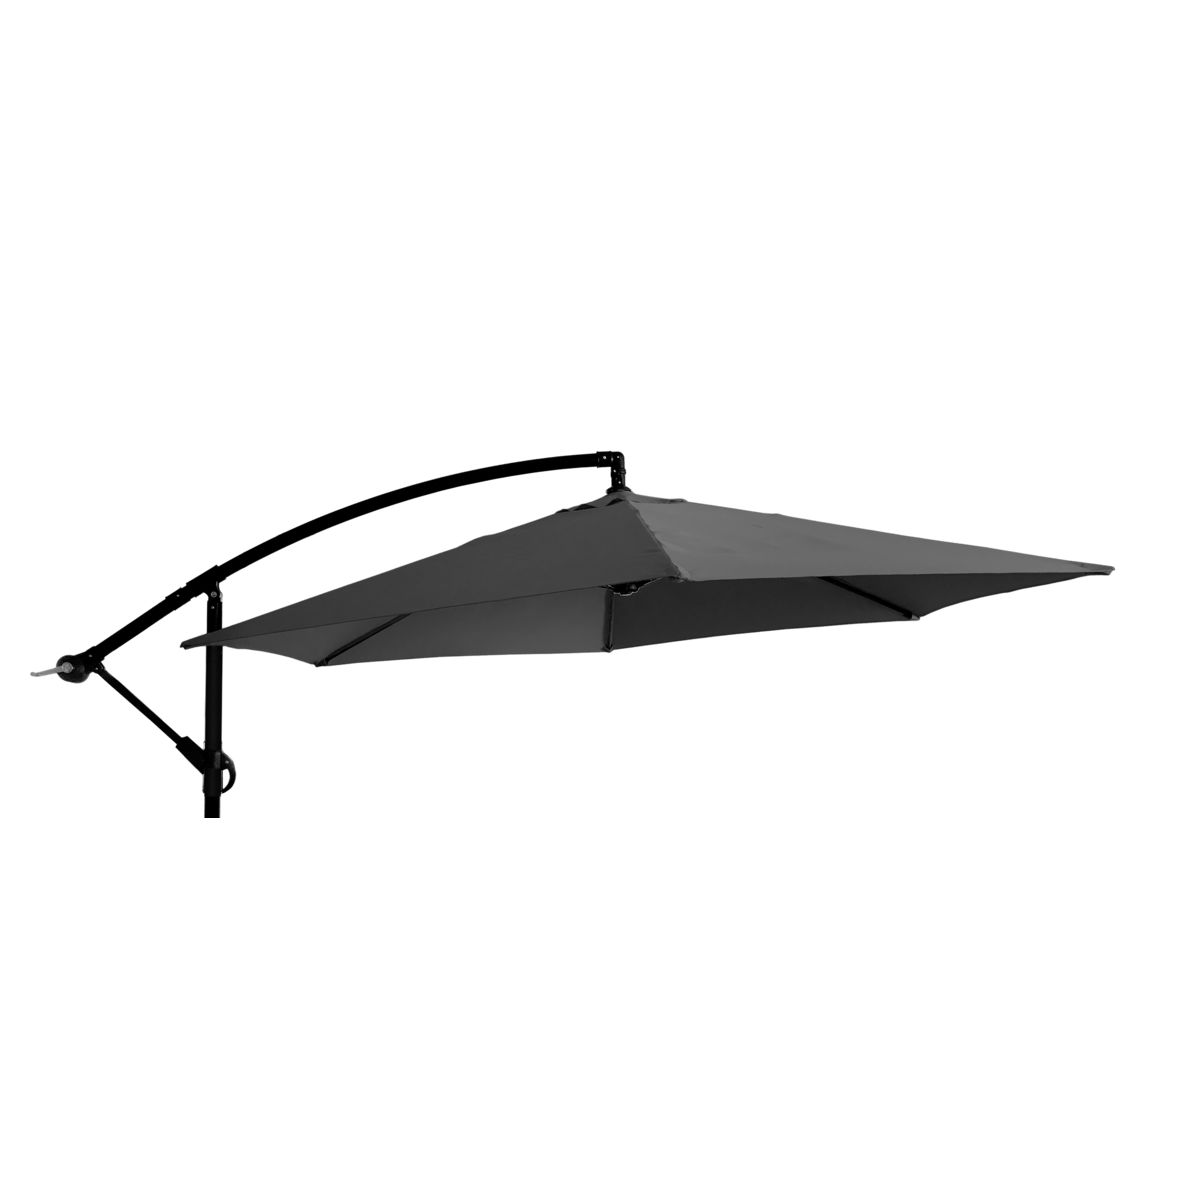 Parasol Ogrodowy 300 Cm Antracytowy Okragly Parasole Ogrodowe Podstawy W Atrakcyjnej Cenie W Sklepach Leroy Merlin